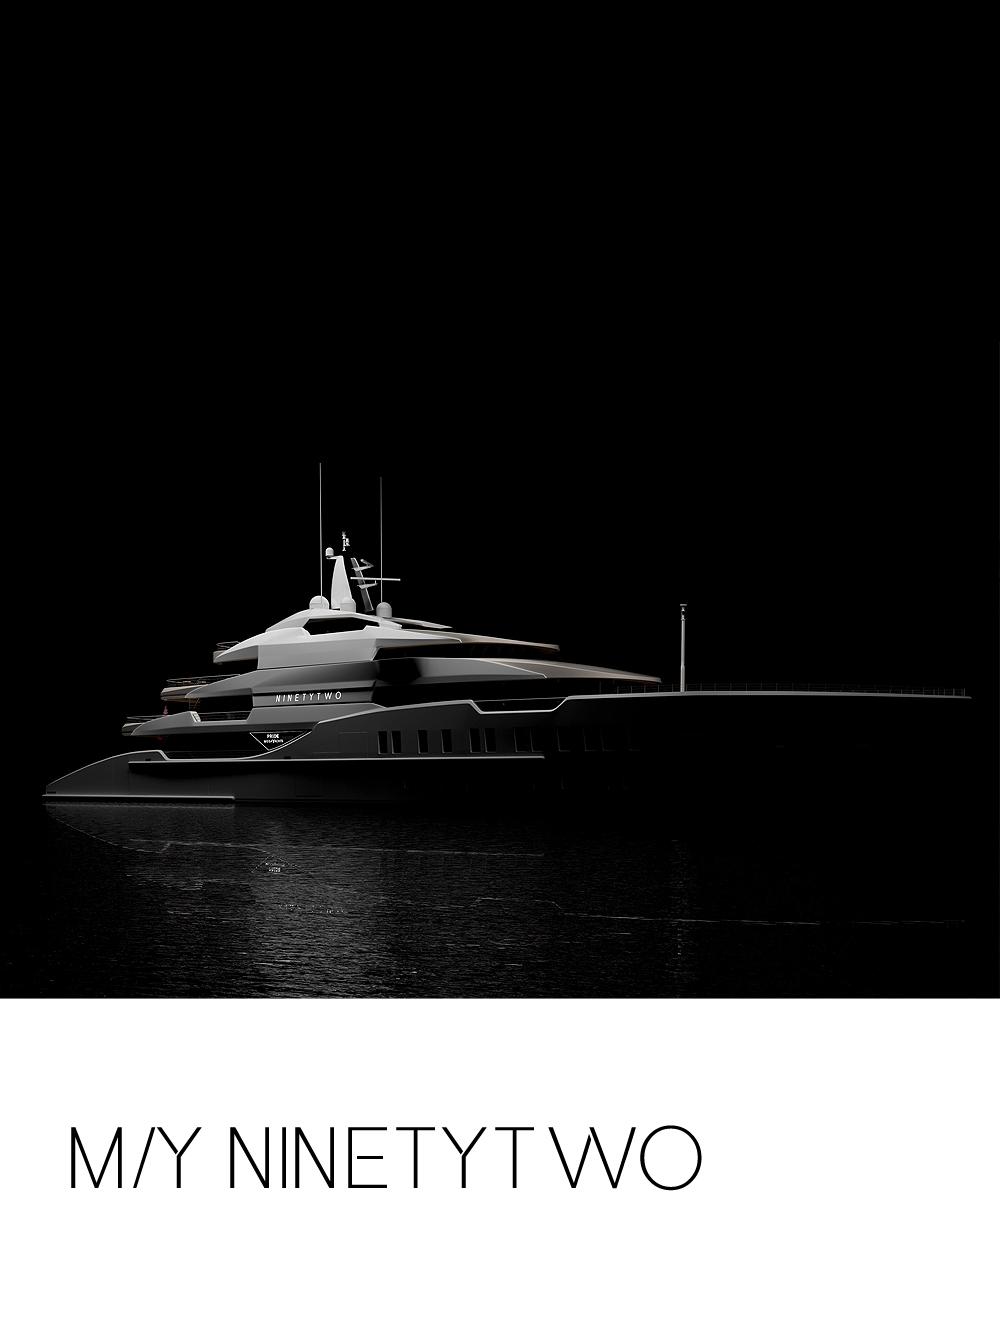 Ninetytwo